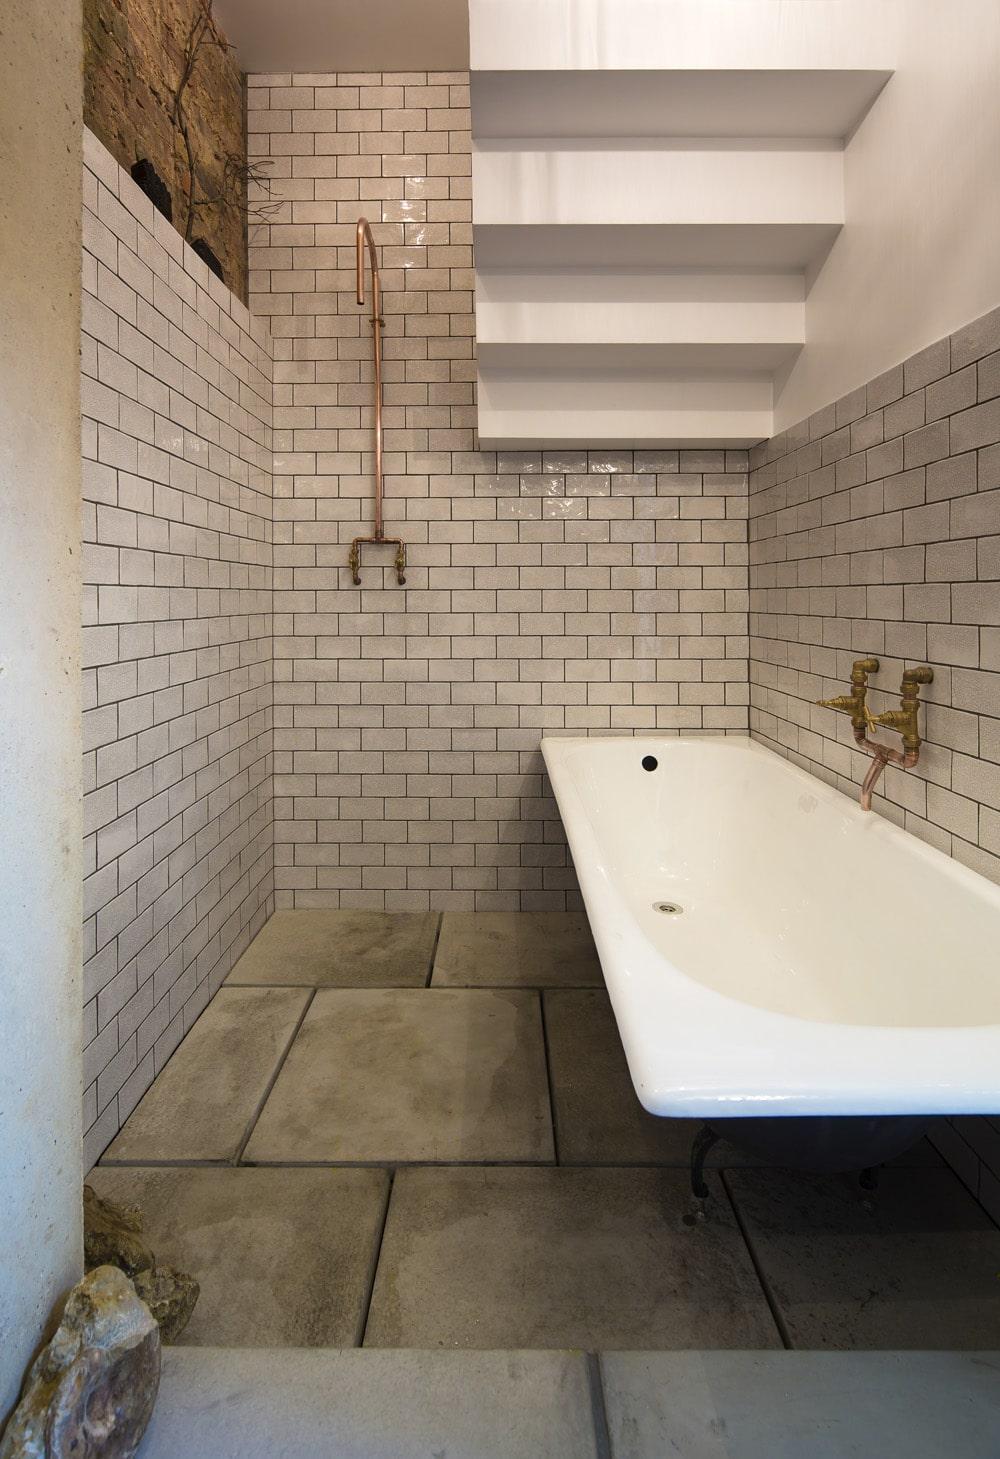 Griferia Baño Rustico:Diseño del cuarto de baño principal (ubicado en primer piso), cuenta